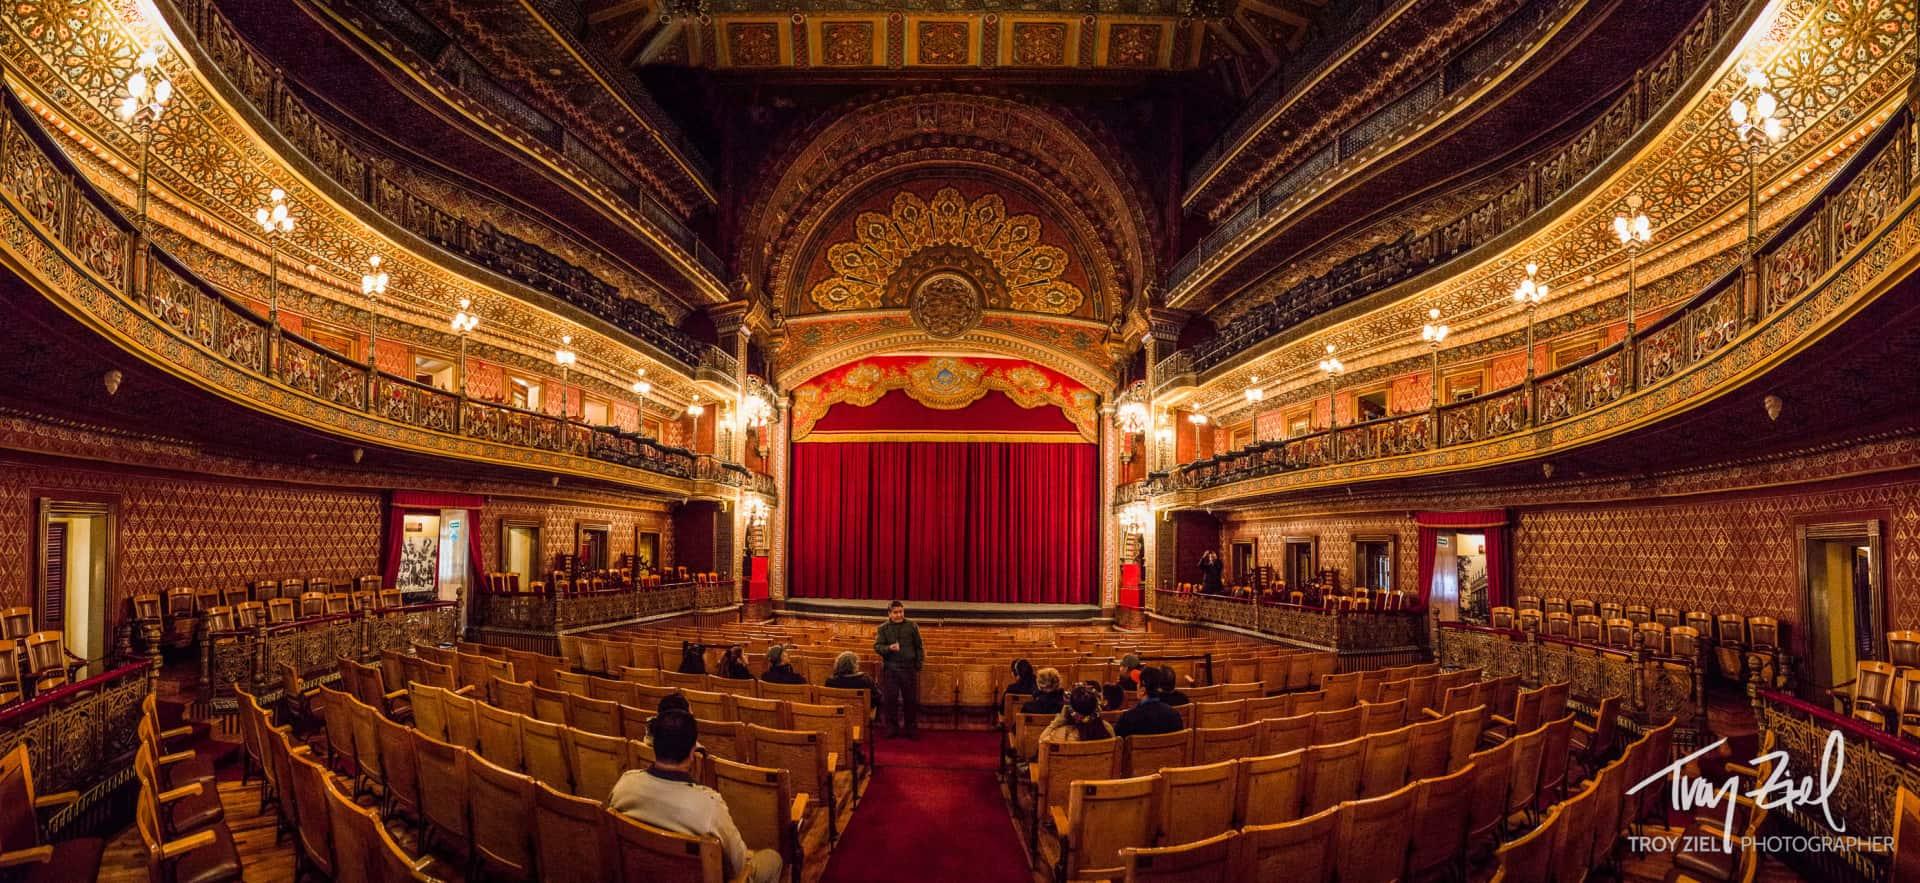 theatreMexico (1 of 1)